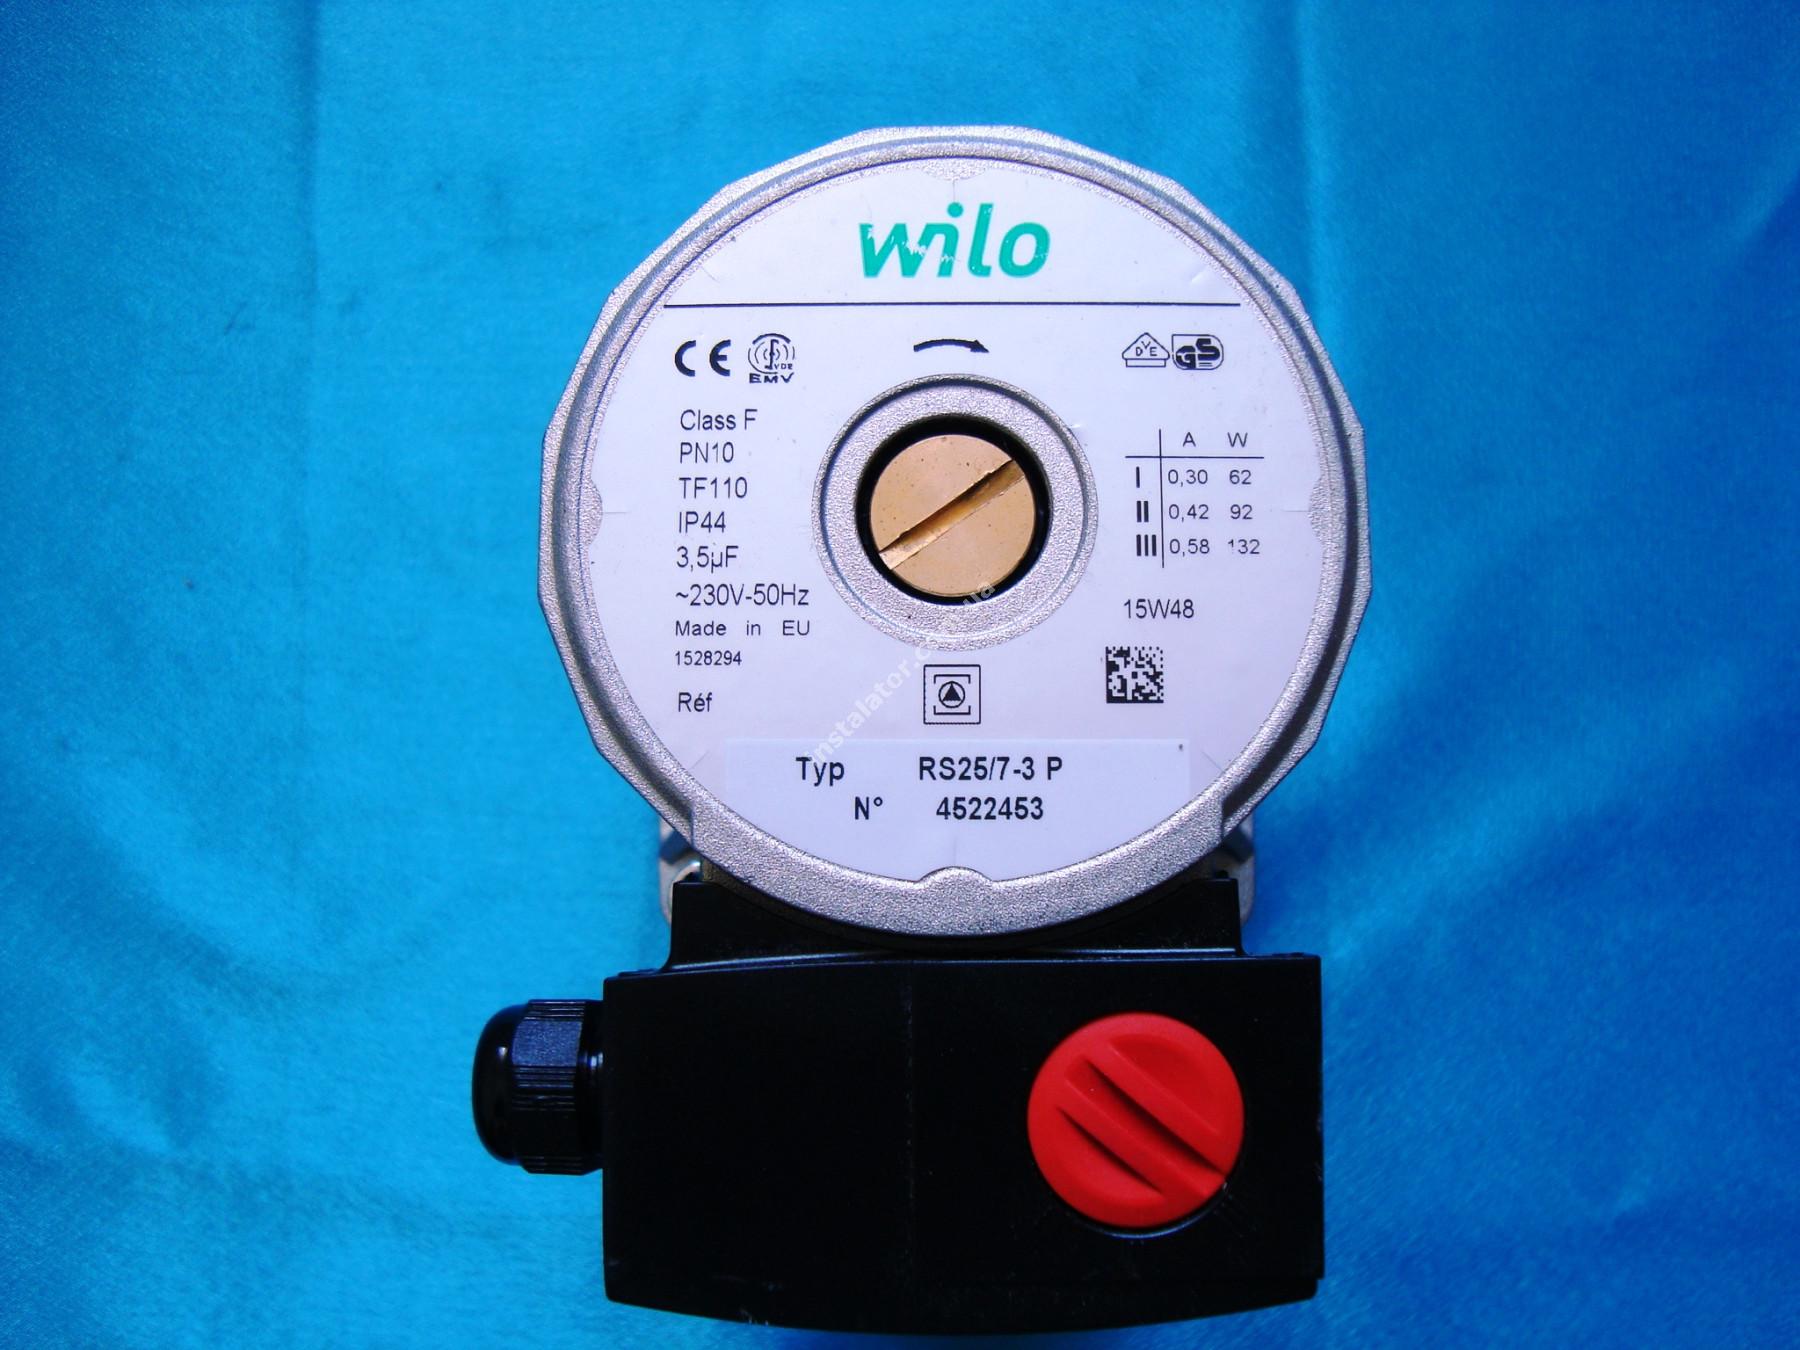 Циркуляційний насос Wilo RS 25/7 (сірий) full-image-1